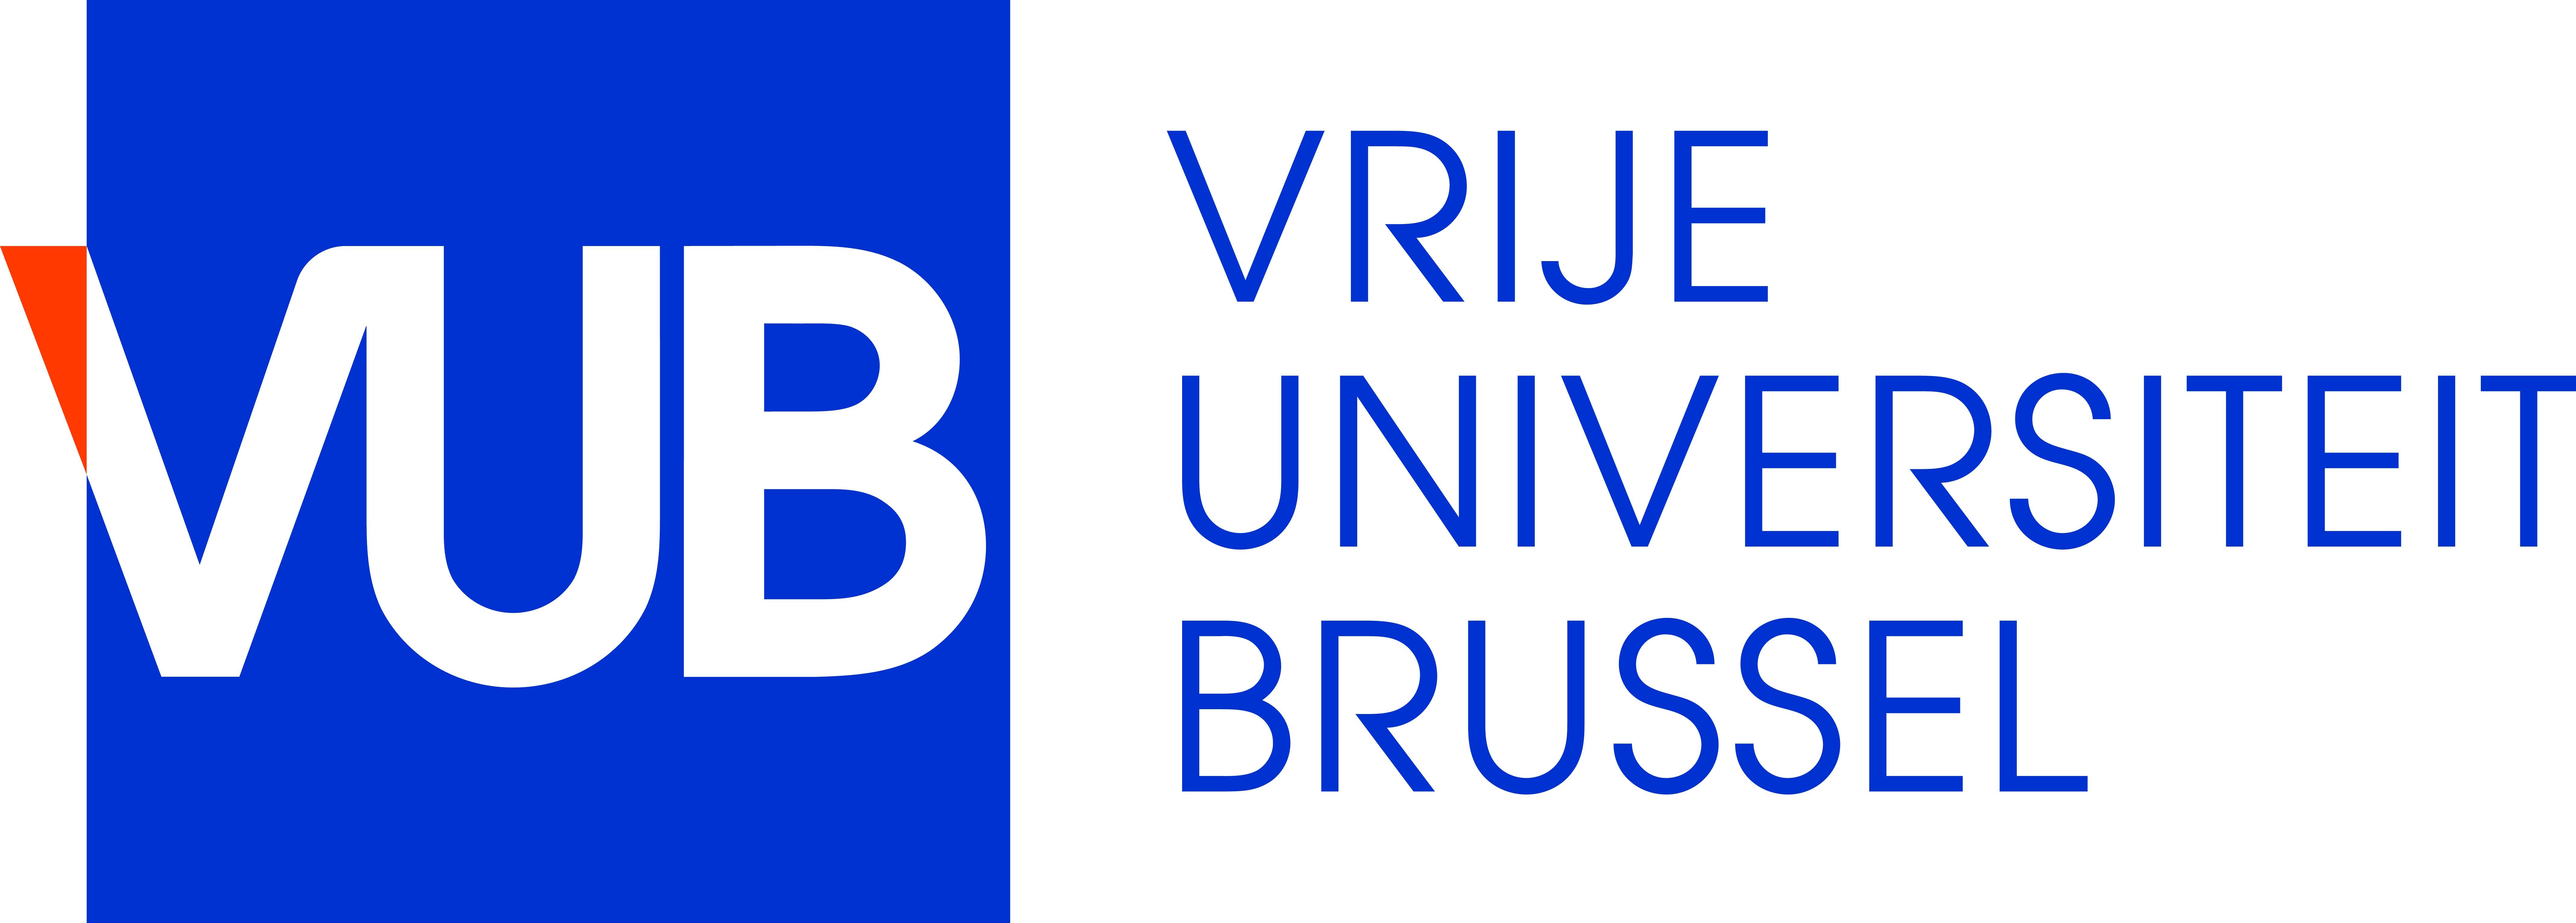 vub_logo_compact